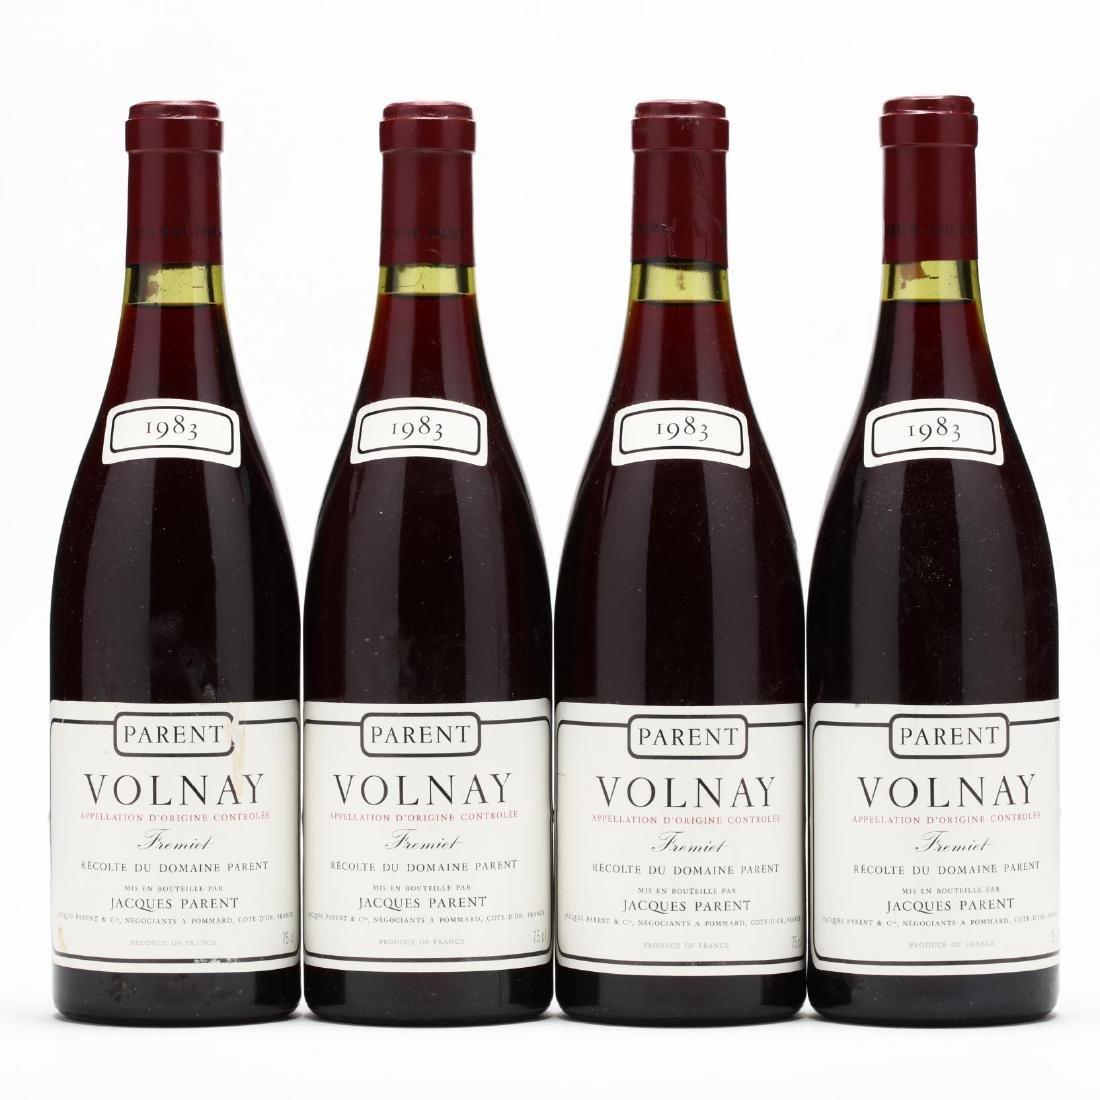 Volnay - Vintage 1983